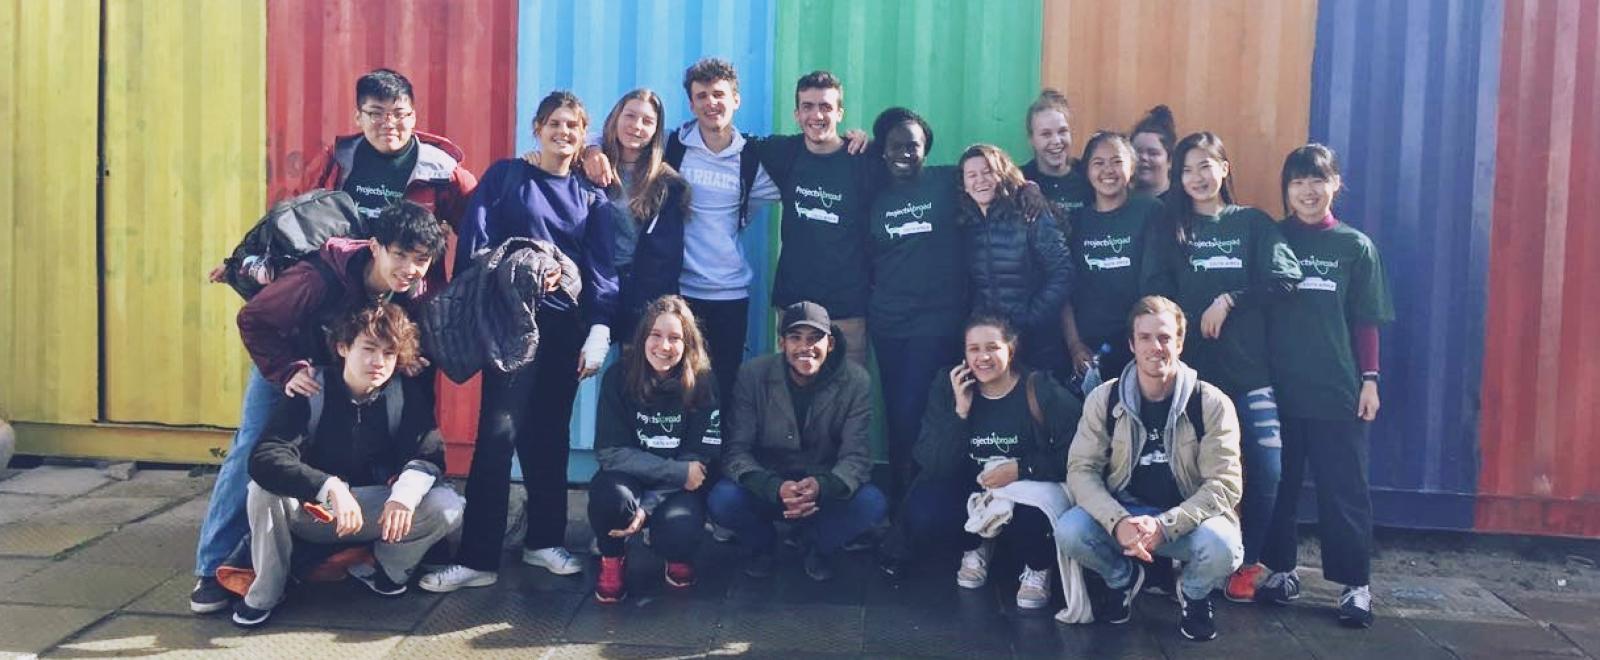 南アフリカ共和国で活動中の伊藤百花さんと仲間の高校生ボランティア